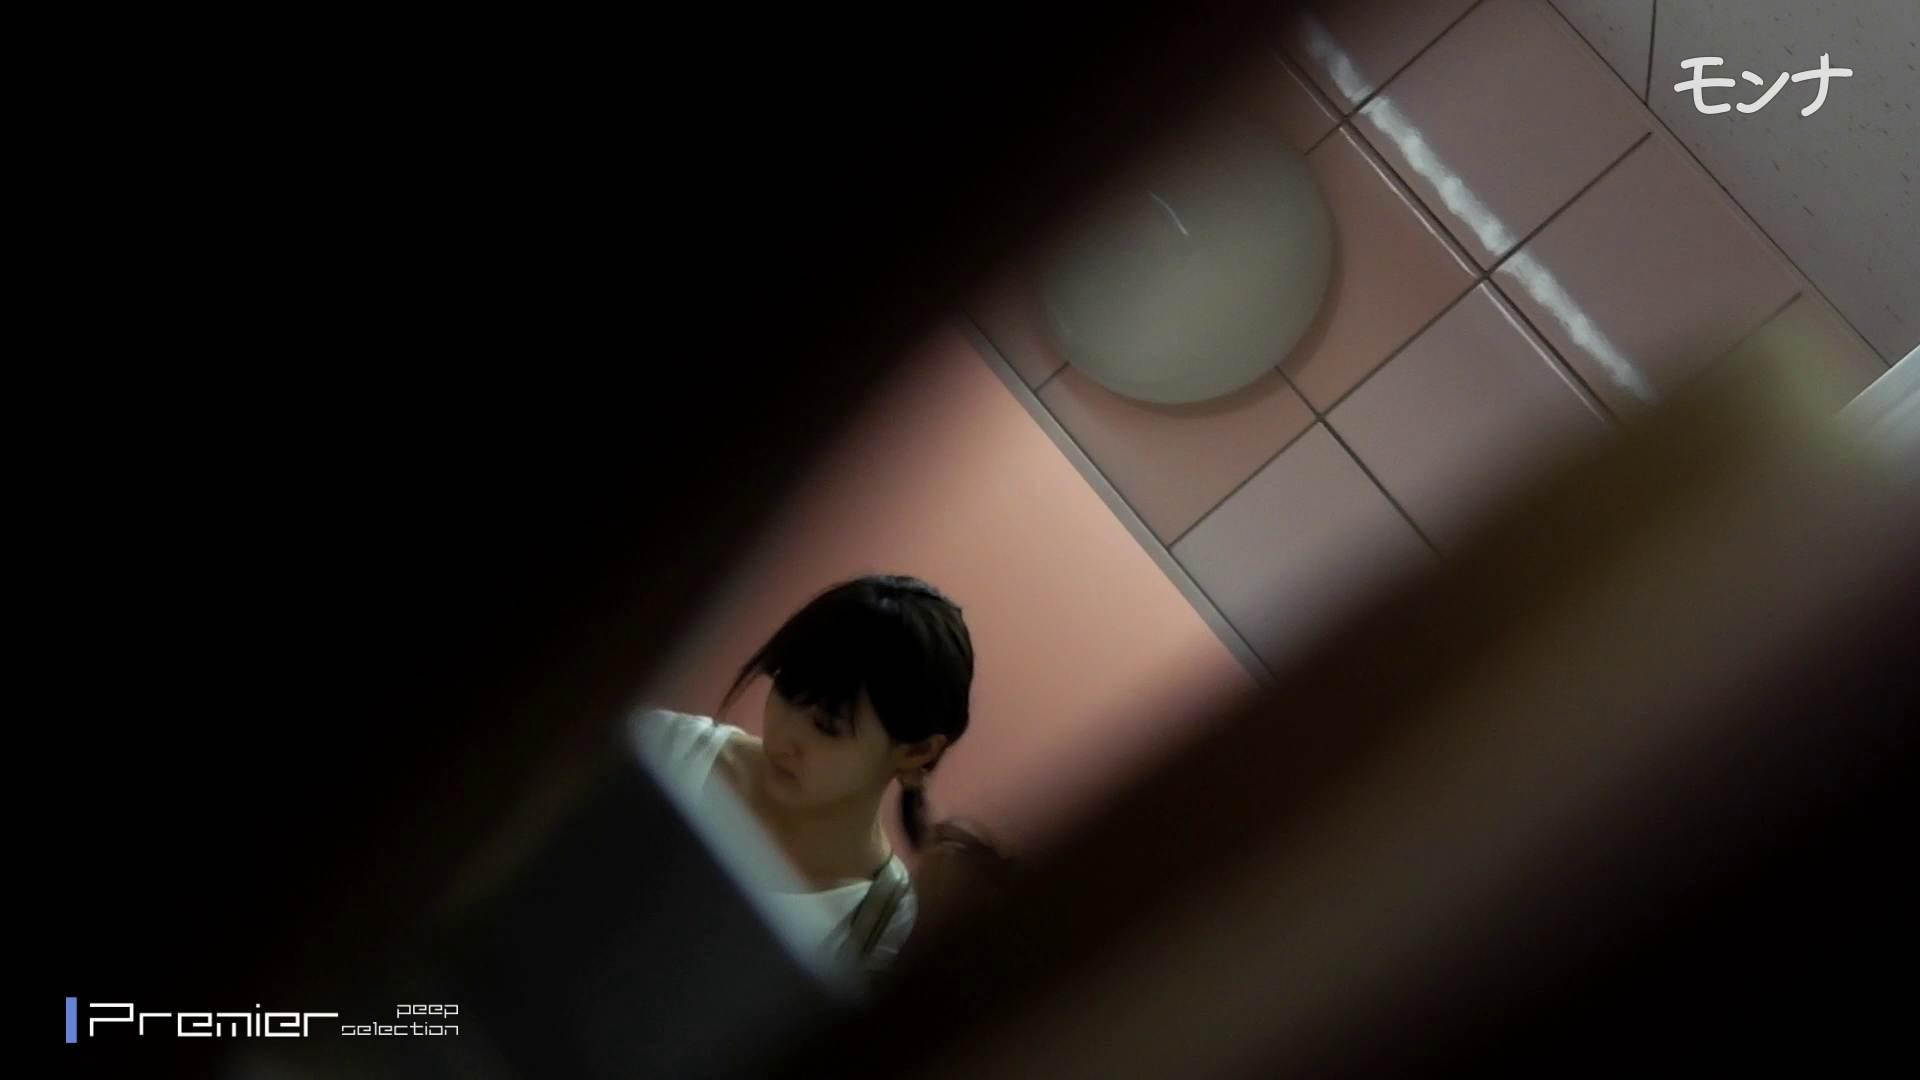 美しい日本の未来 No.55 普通の子たちの日常調長身あり 盛合せ アダルト動画キャプチャ 68画像 33